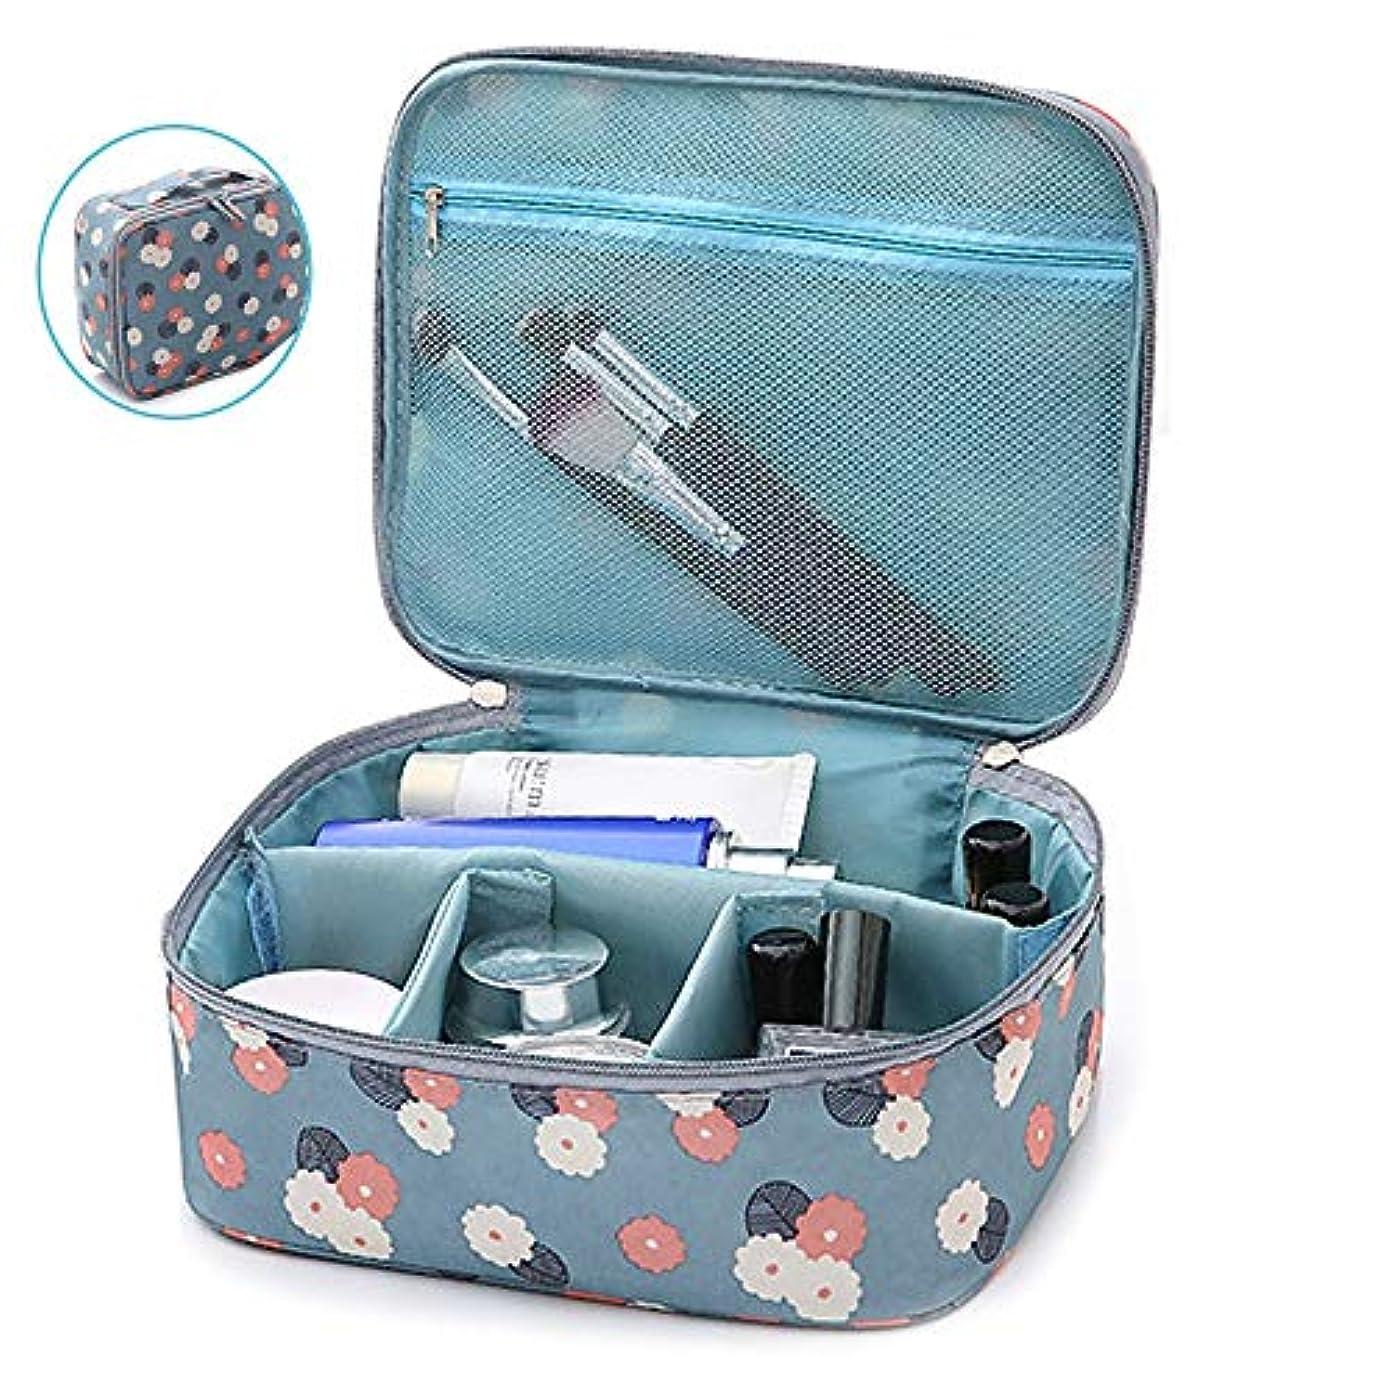 ポルティコ勇気のある金属メイクボックス プロ用 大容量 コスメボックス 旅行ポーチ 化粧道具 小物収納 メイクポーチ